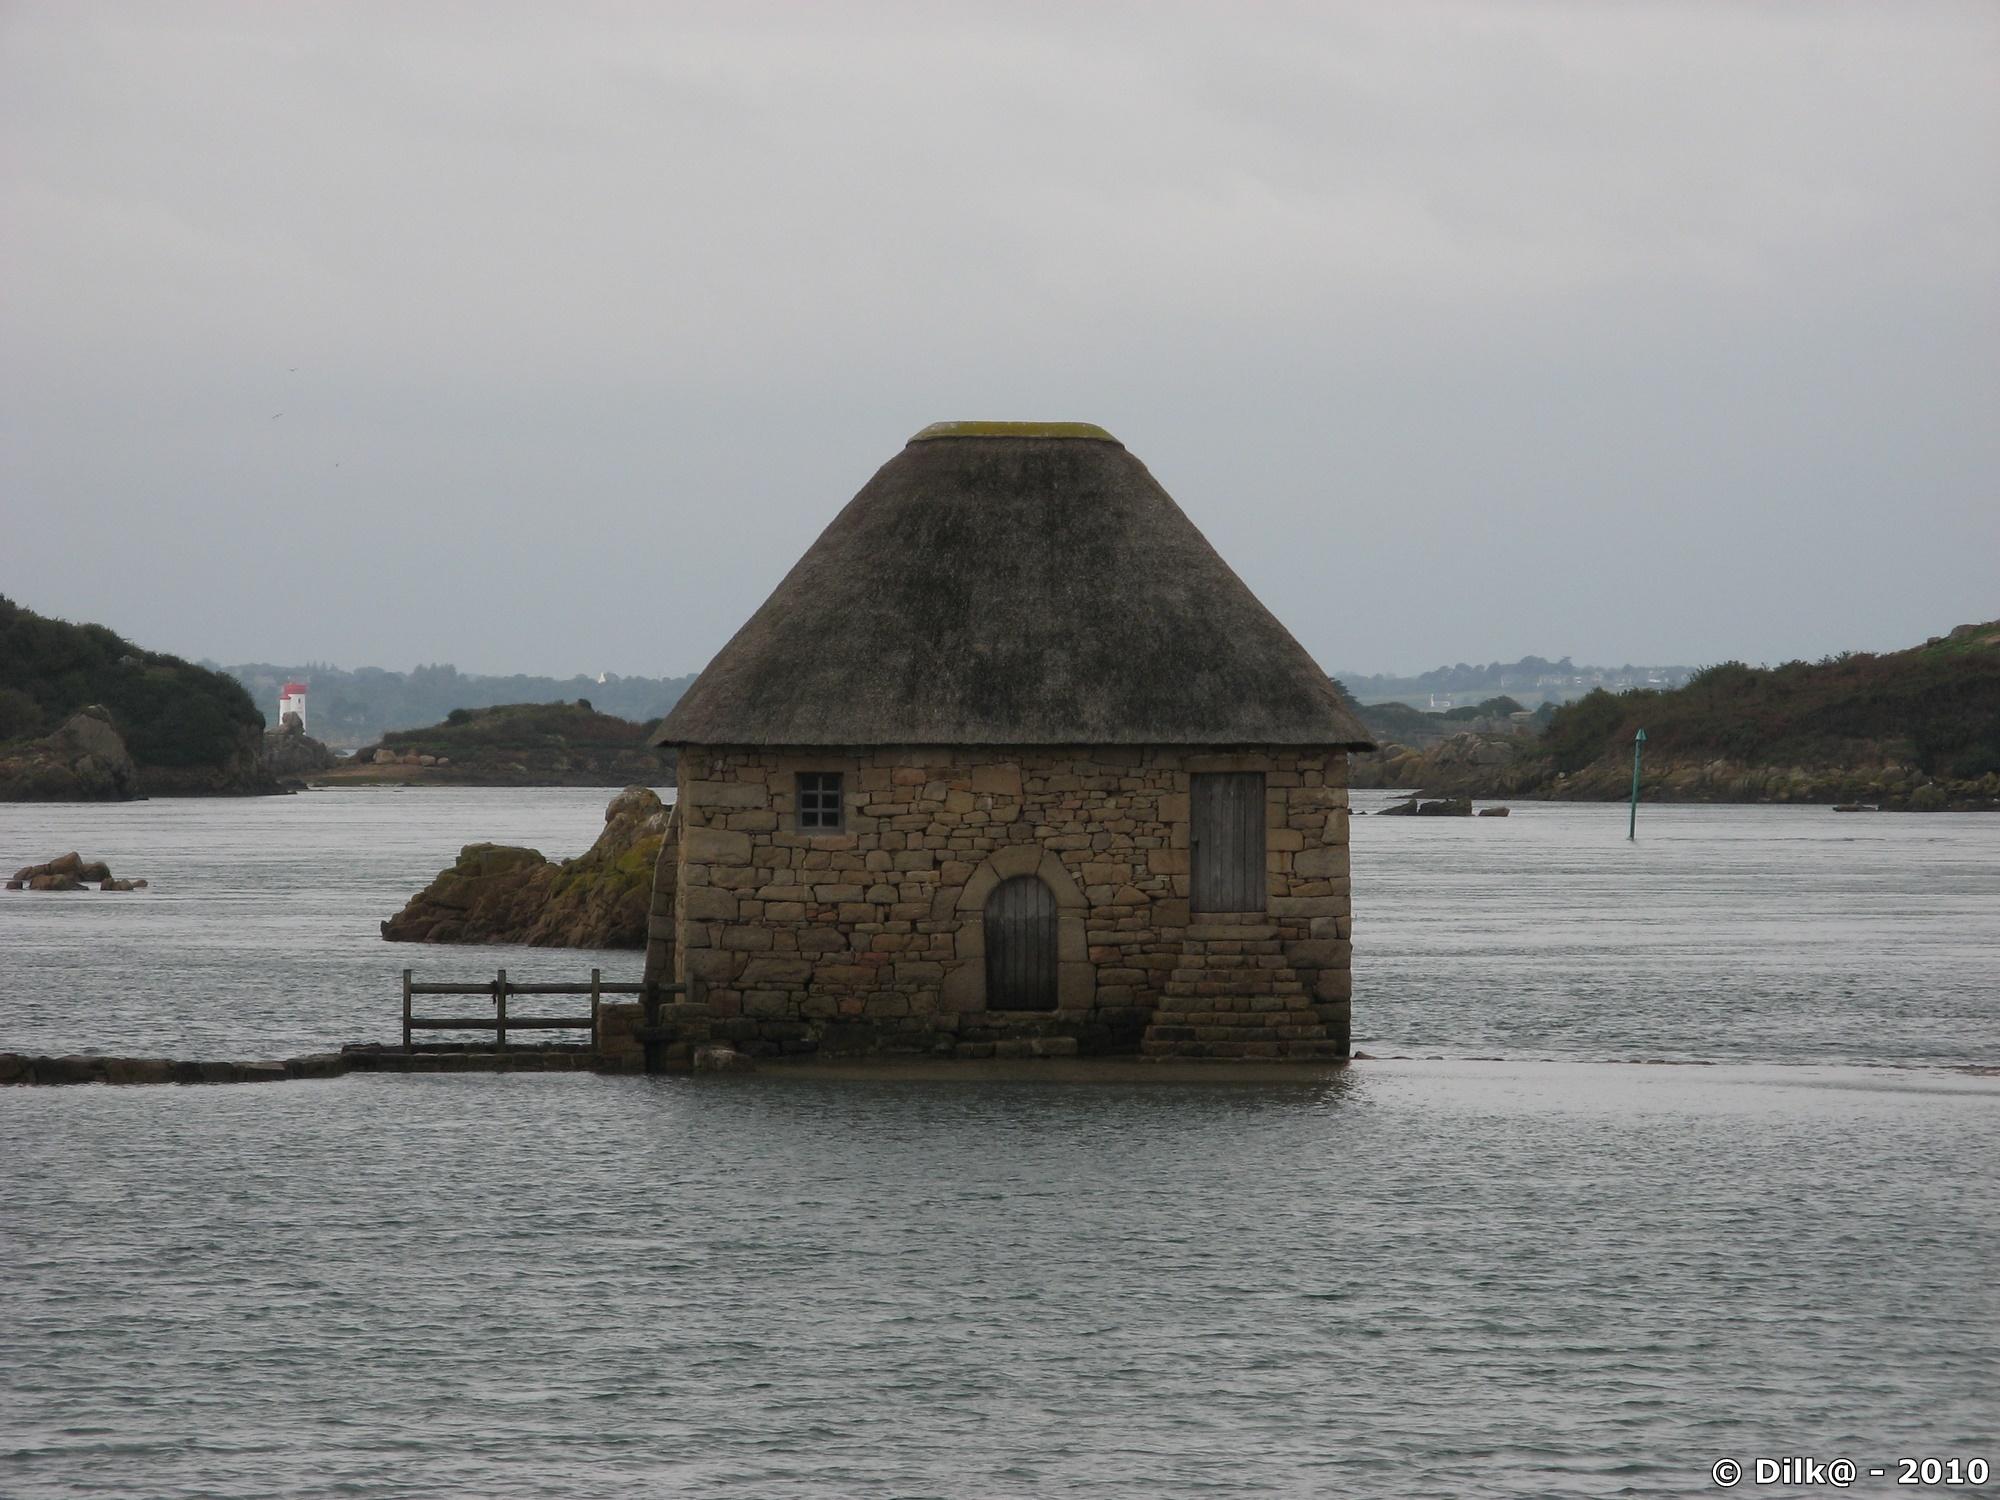 Le moulin du Birlot